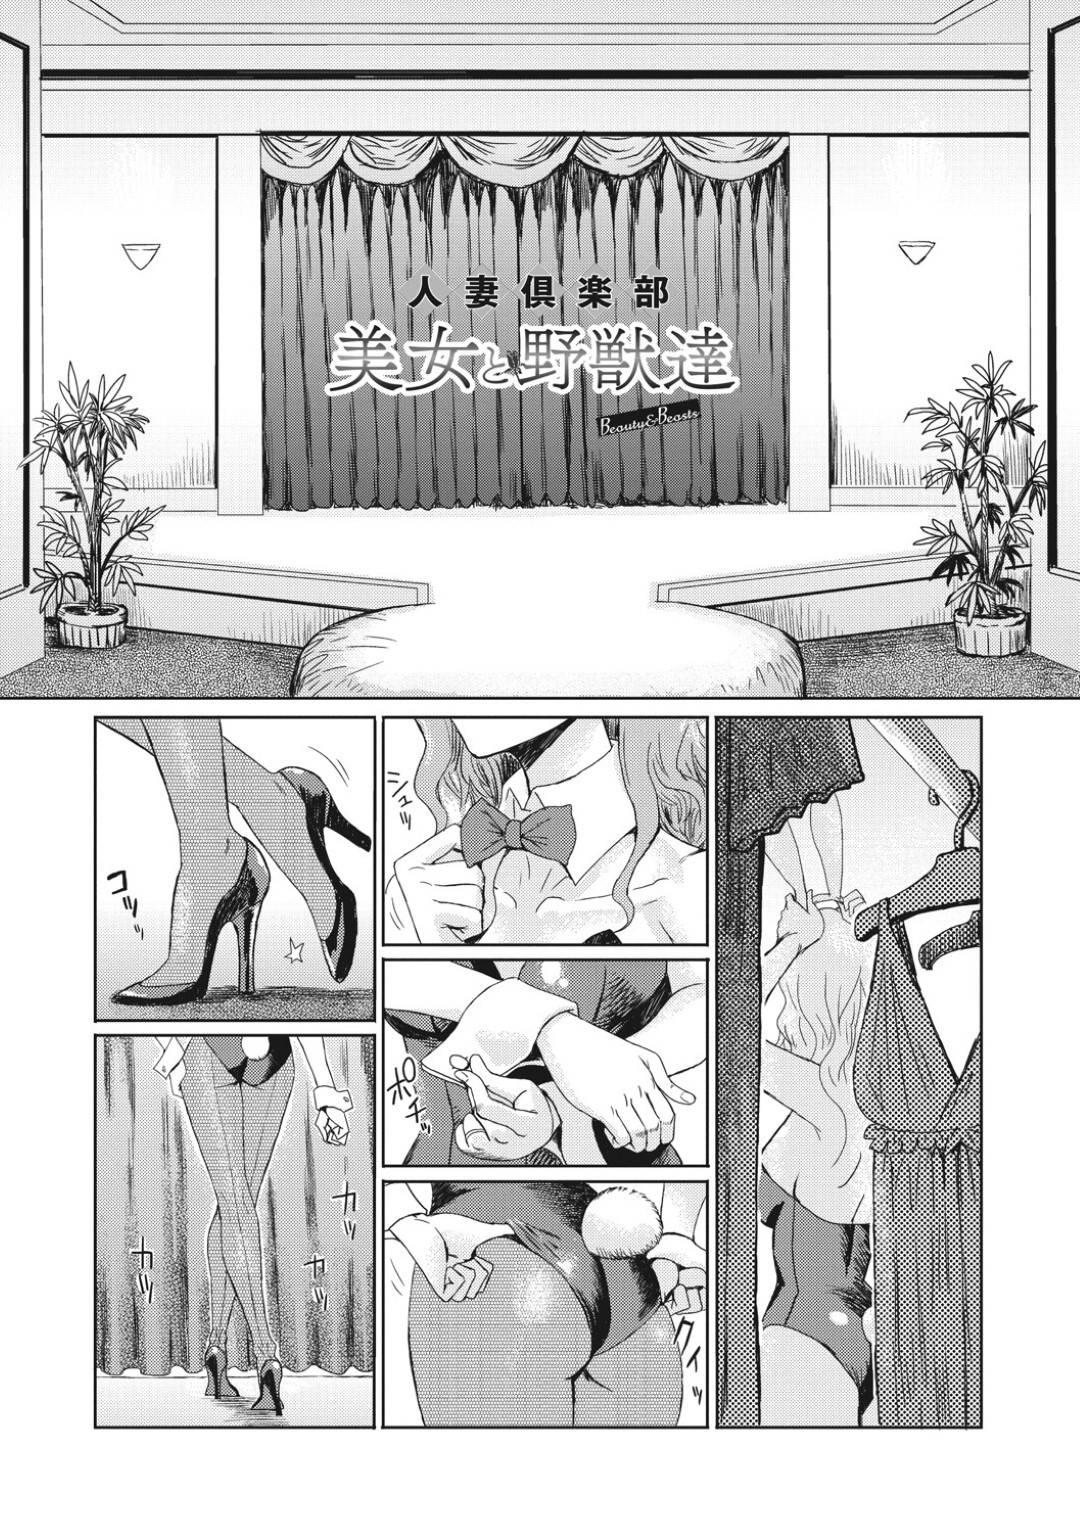 【エロ同人誌】人妻倶楽部のショータイムが始まりバニー姿で客の前に現れる人妻風俗嬢…目隠しした状態で客のチンポを当てるクイズを行い連続で正解していく!【オリジナル】